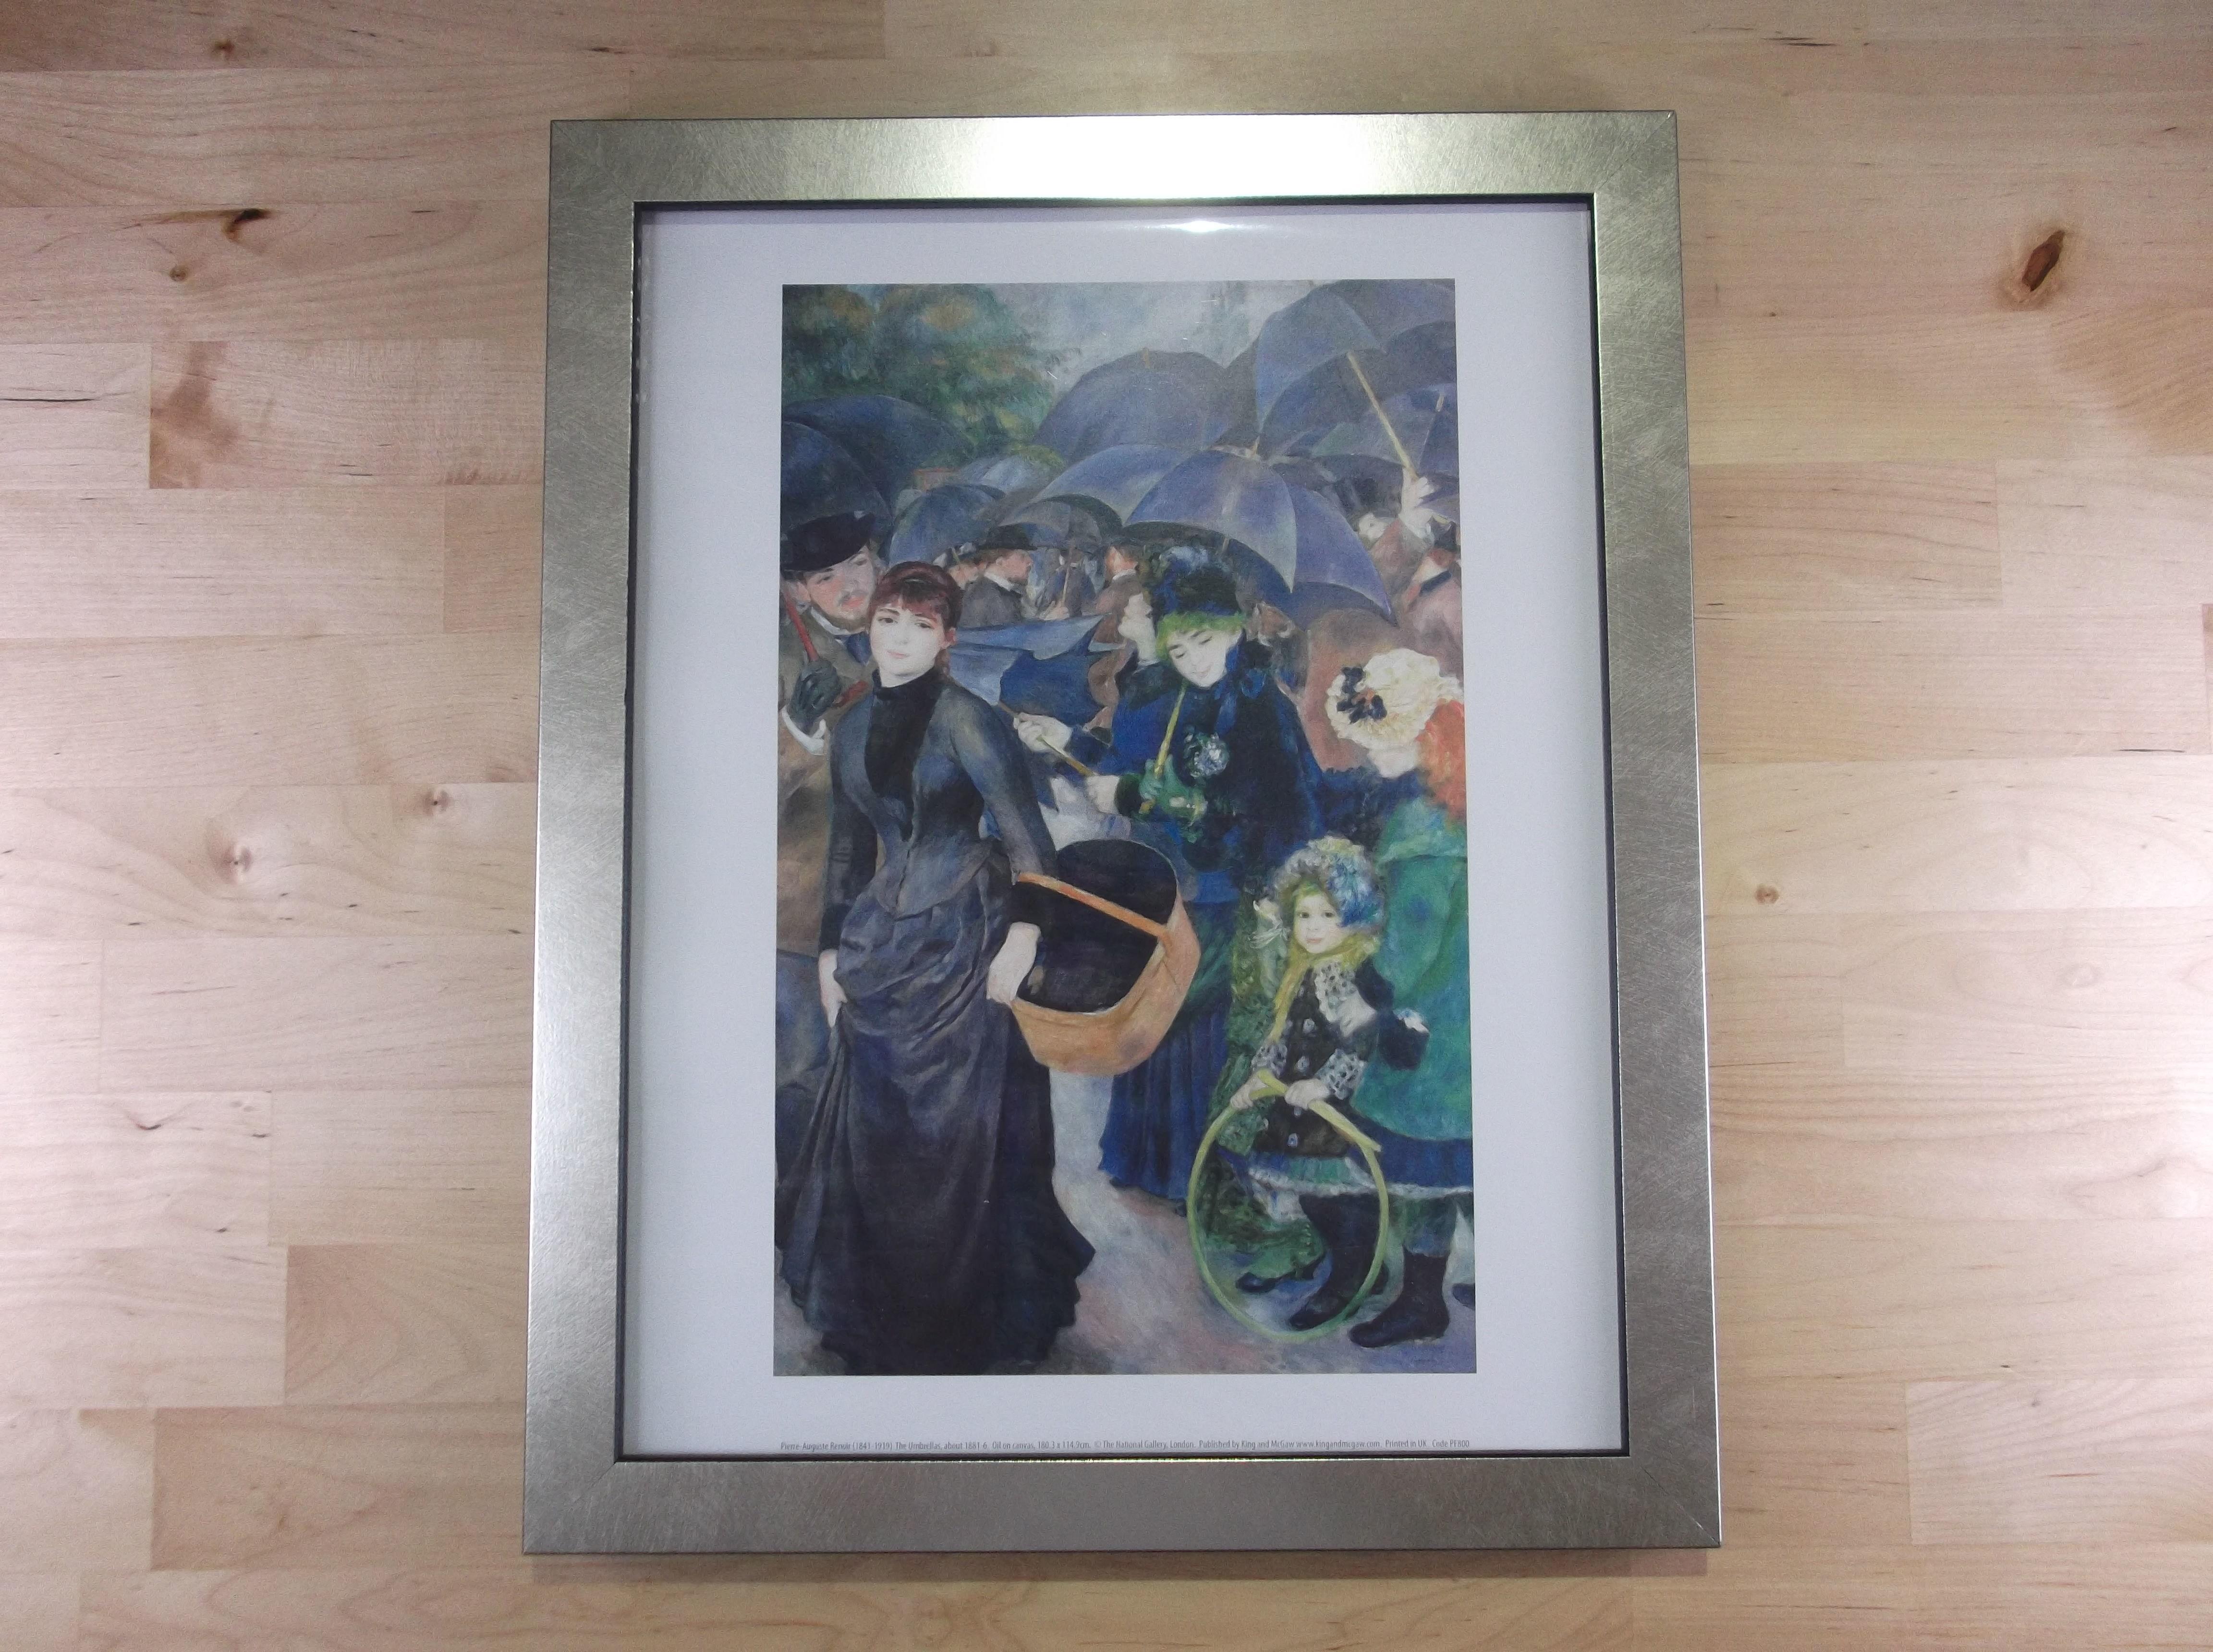 ルノアール 雨傘 シルバー色額縁絵画プリント(ロンドン ナショナルギャラリー所蔵)